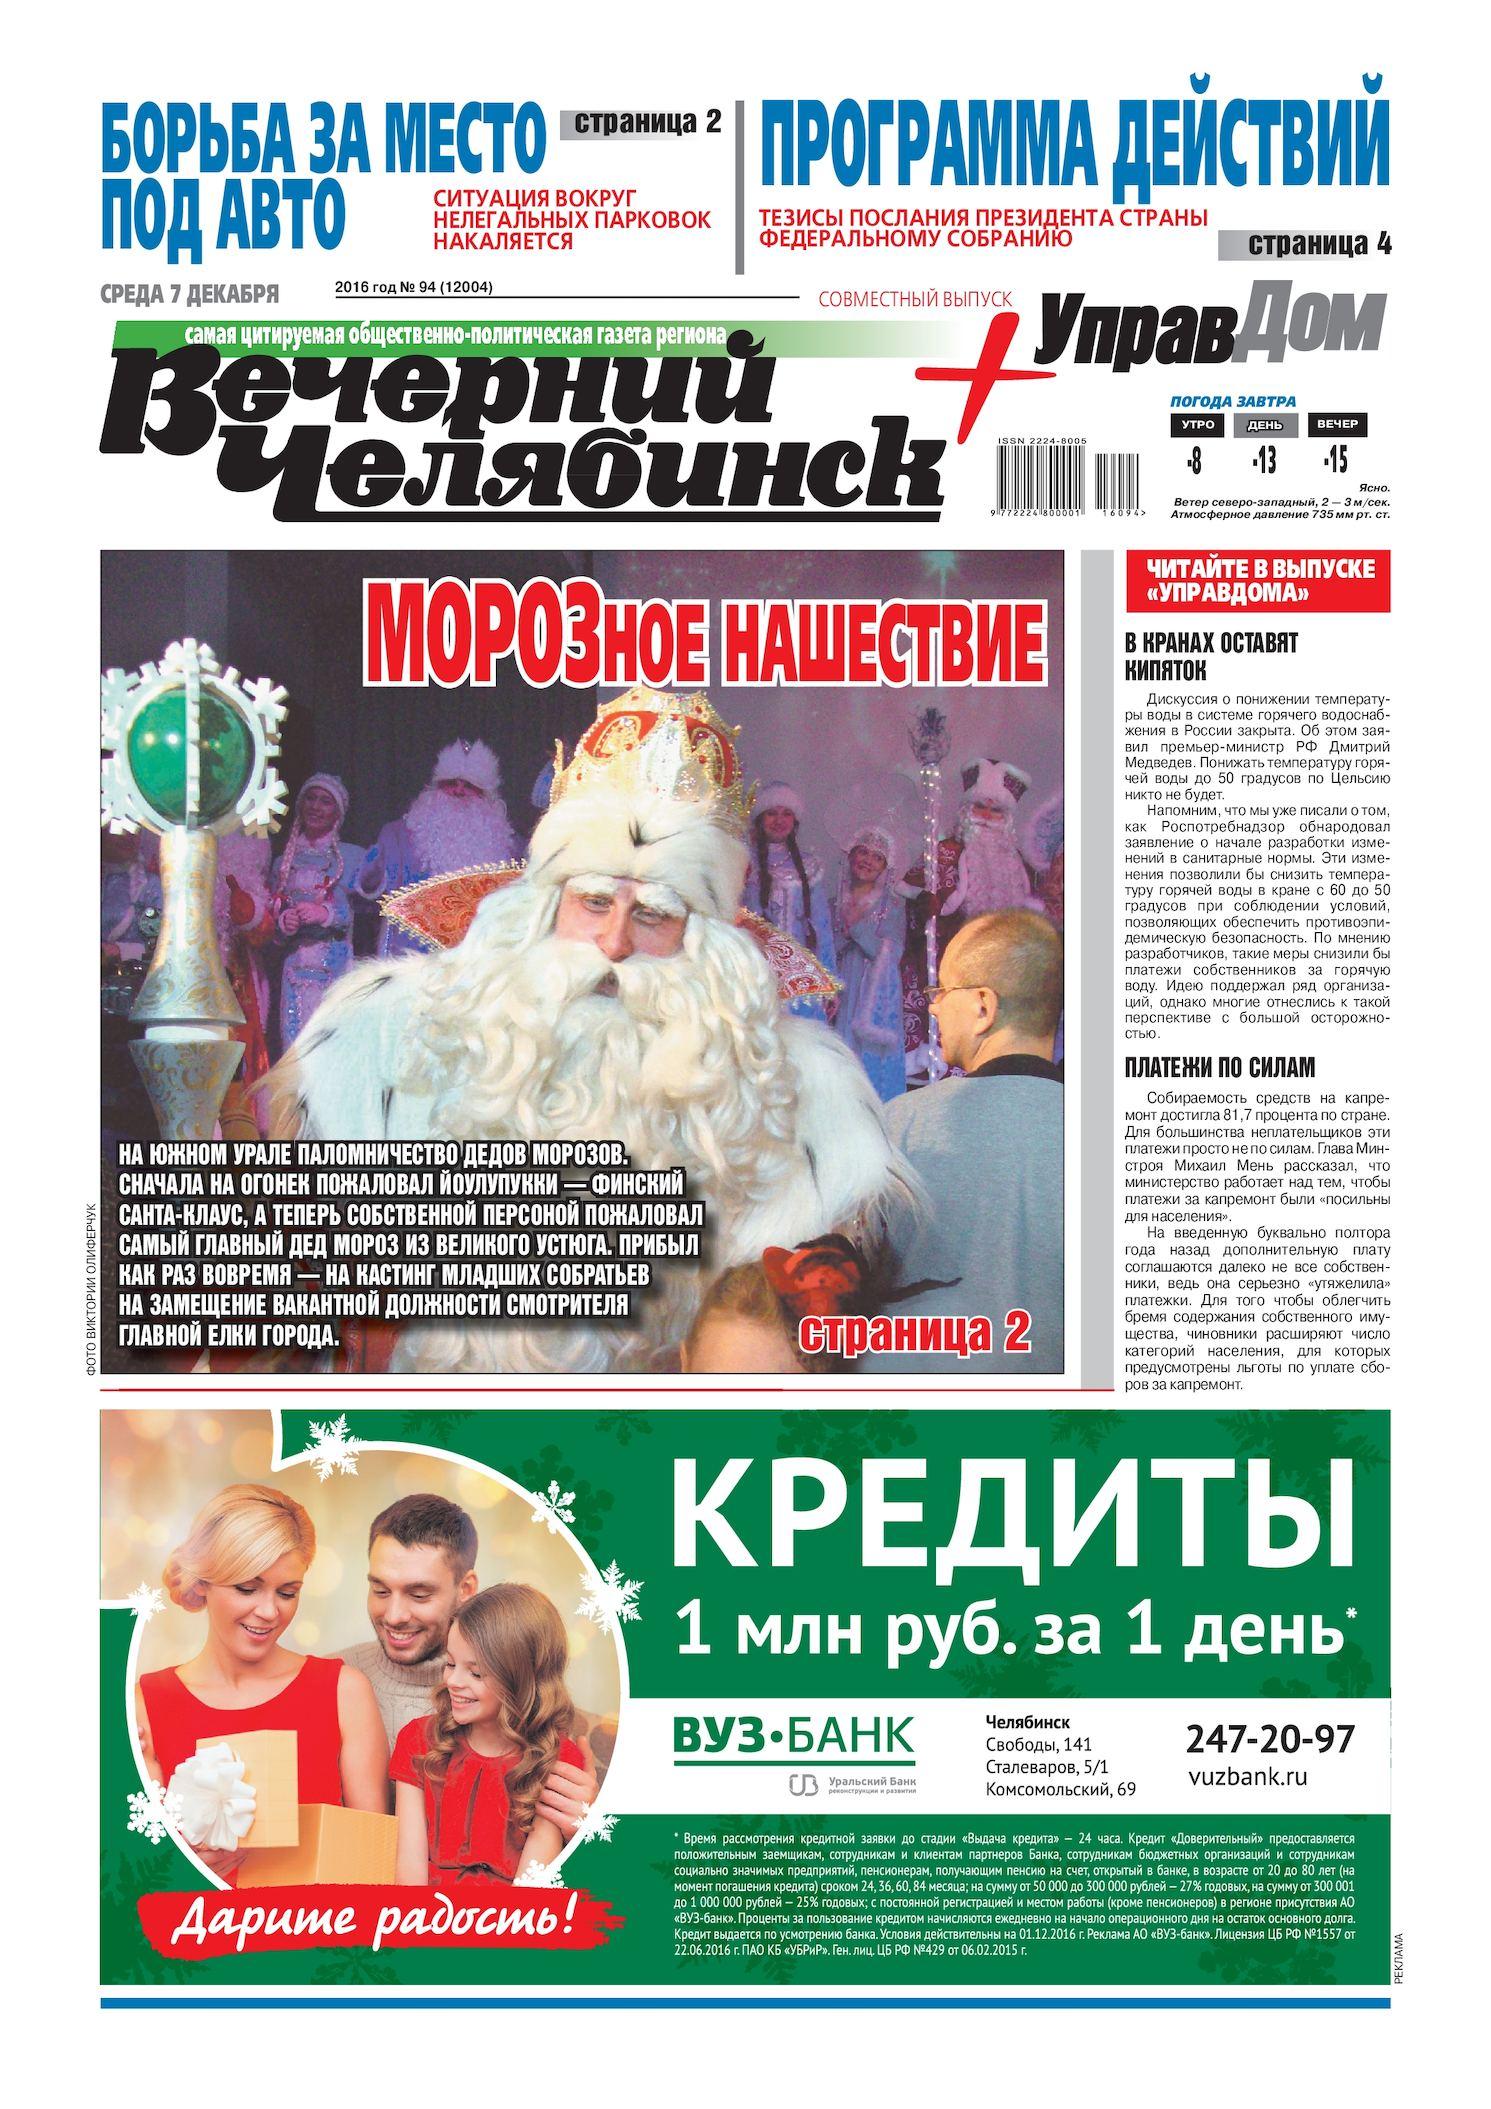 """Огни кузбасса"""" №6, 2018 by дмитрий мурзин issuu."""